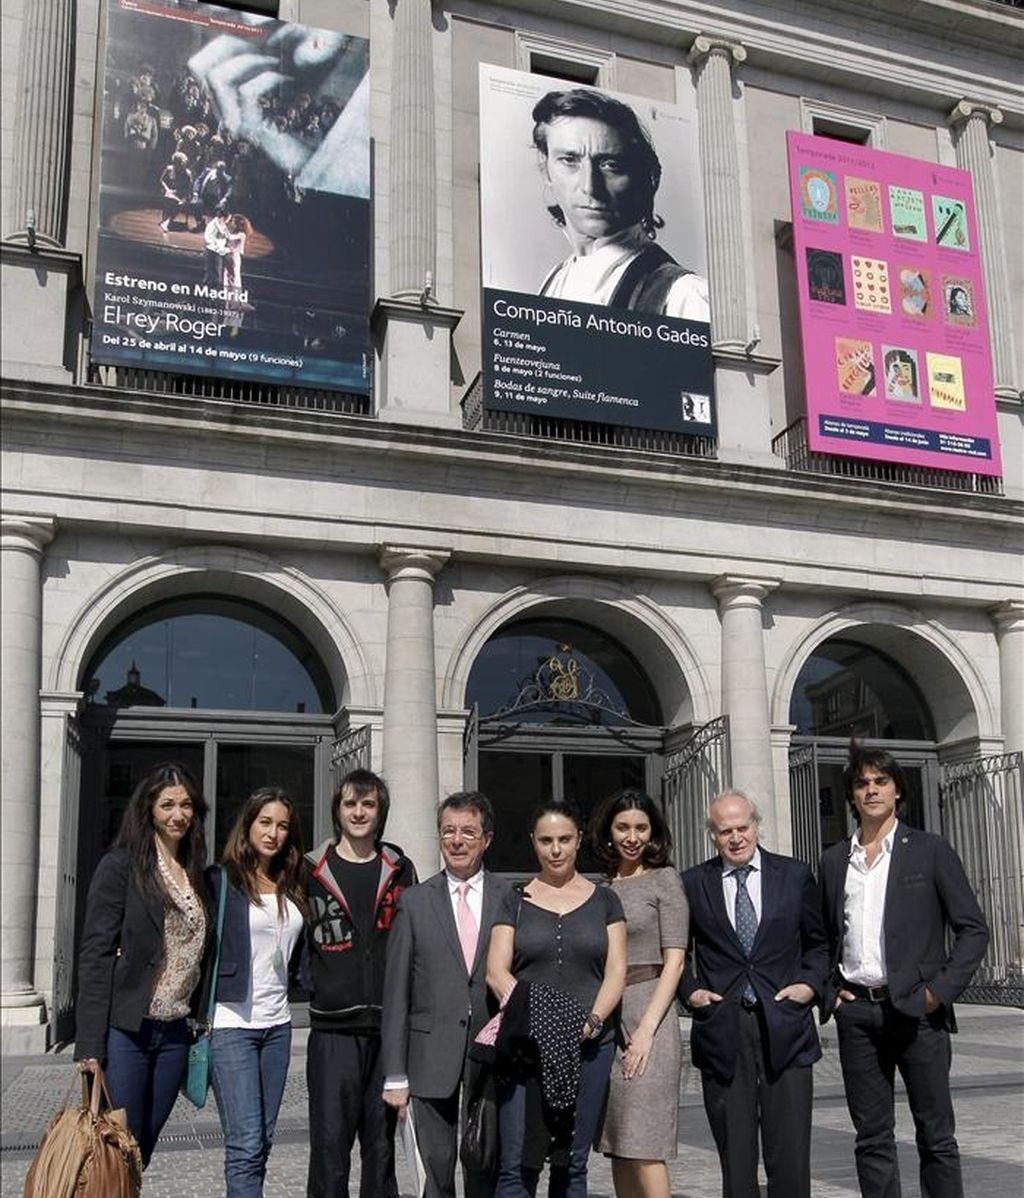 """Eugenia Eiriz (3d), la viuda del bailarín y coreógrafo Antonio Gades, presentó hoy el """"Año Gades"""", conmemoración del 75 aniversario del bailarín, que organiza la fundación que lleva su nombre y que dirige su viuda, cuyas actividades, entre ellas representaciones de algunos de sus títulos más célebres, se presentan en el Teatro Real. EFE"""